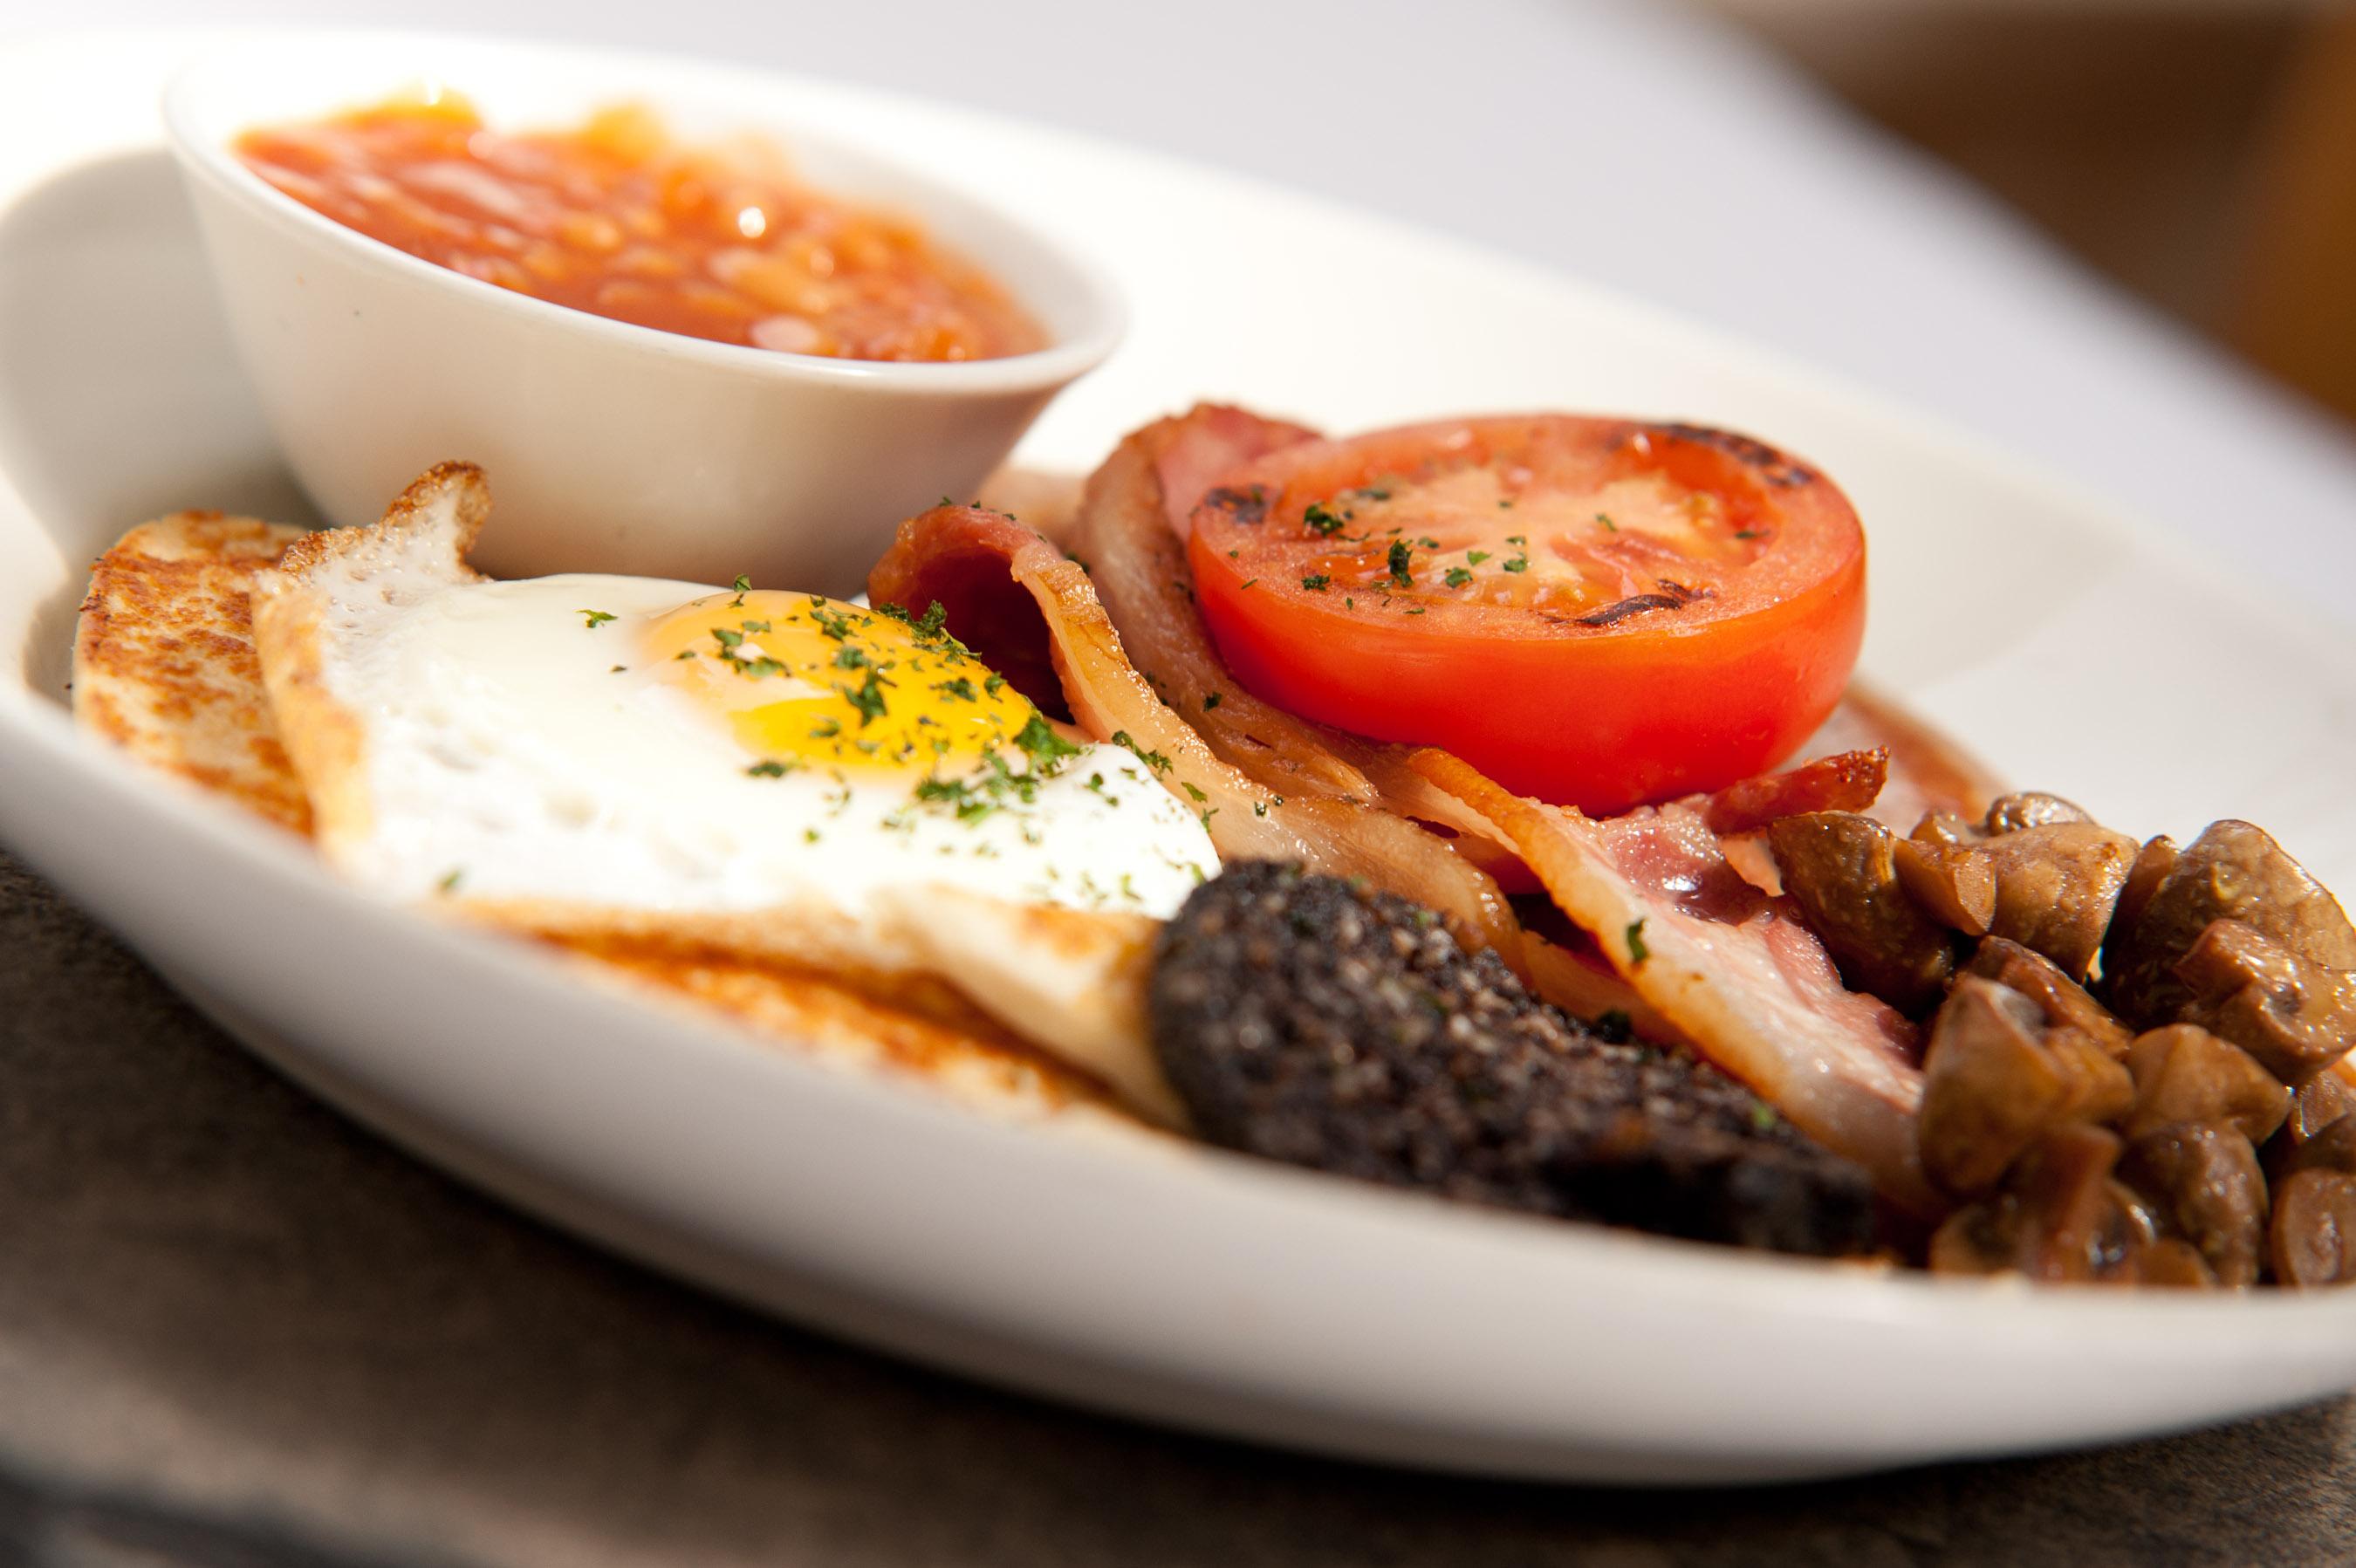 Cafe Conor wins Best Breakfast Crown